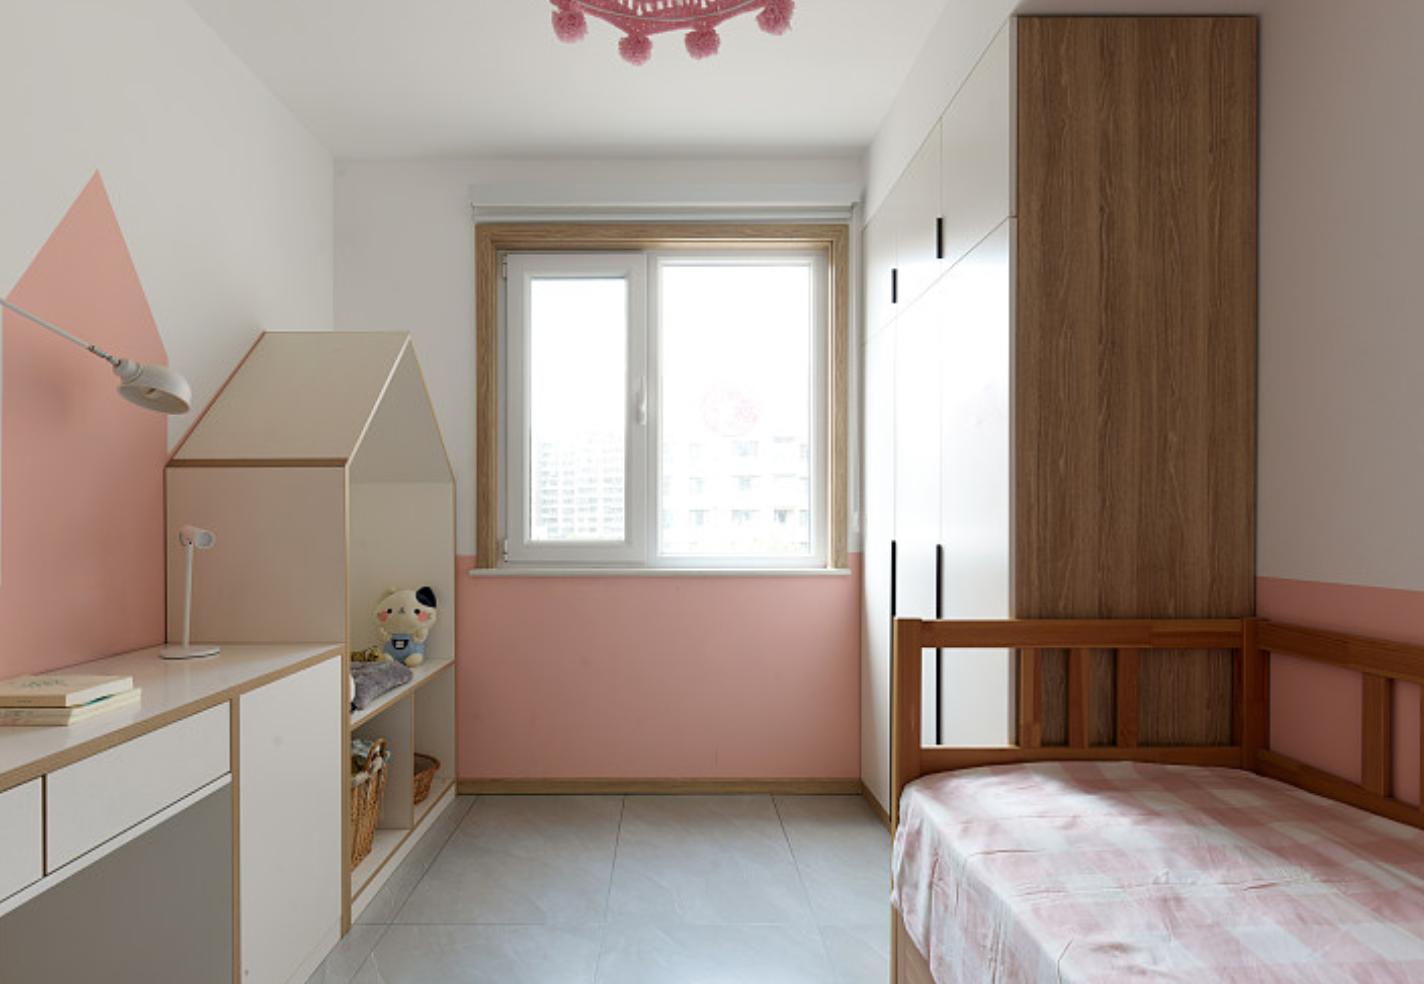 为了孩子,她舍弃客厅沙发,将全屋规划的超合理,很值得借鉴